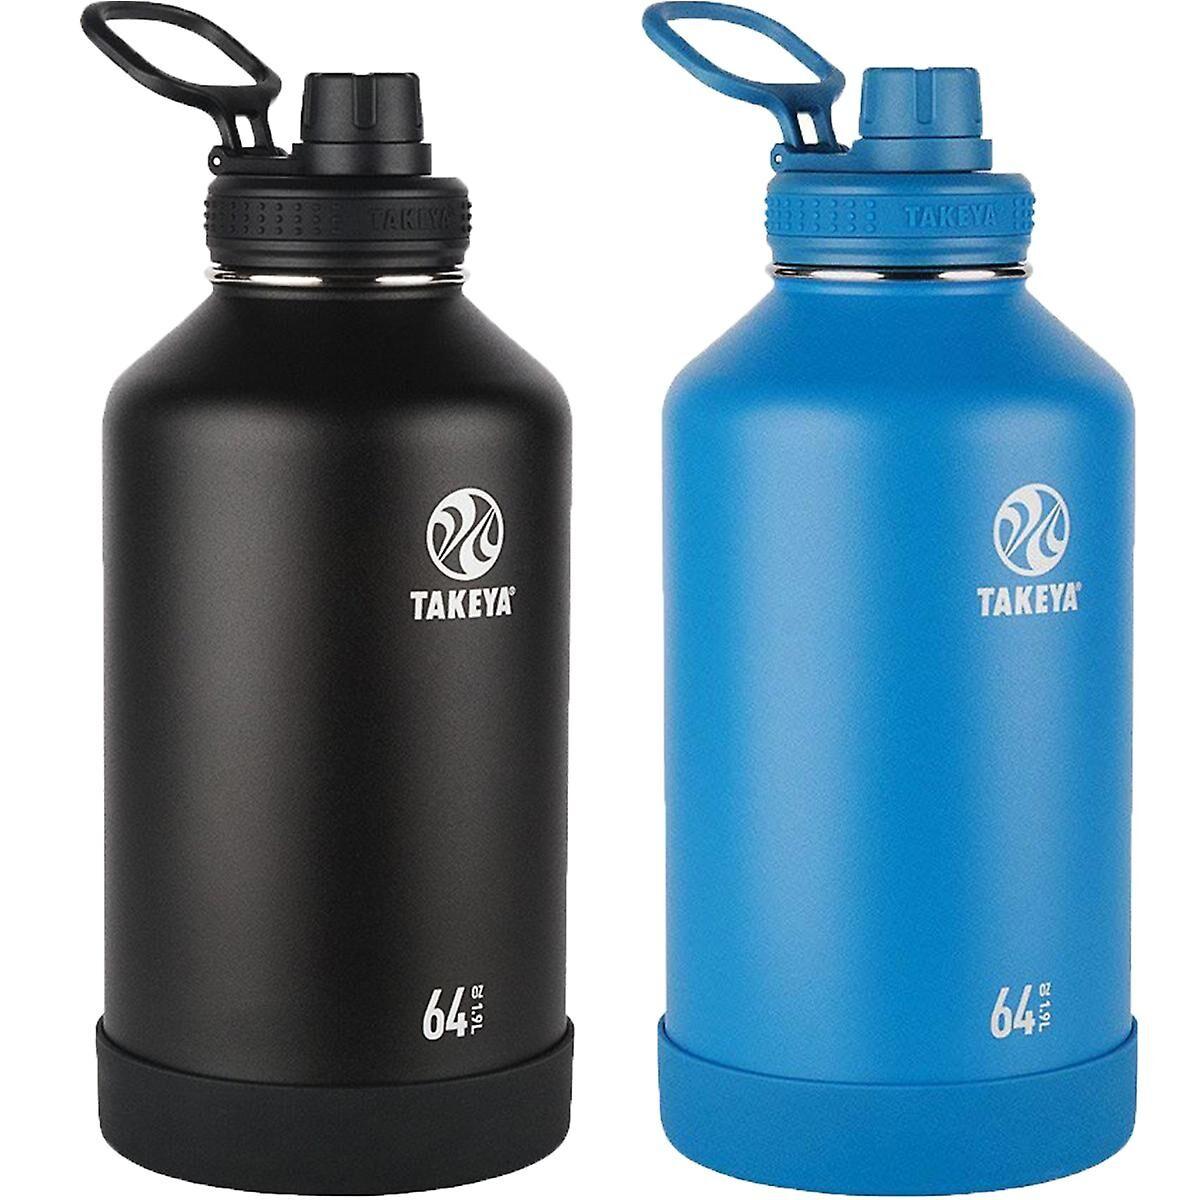 Takeya Bouteille d'eau en acier inoxydable isotherme 64 oz Takeya Actives